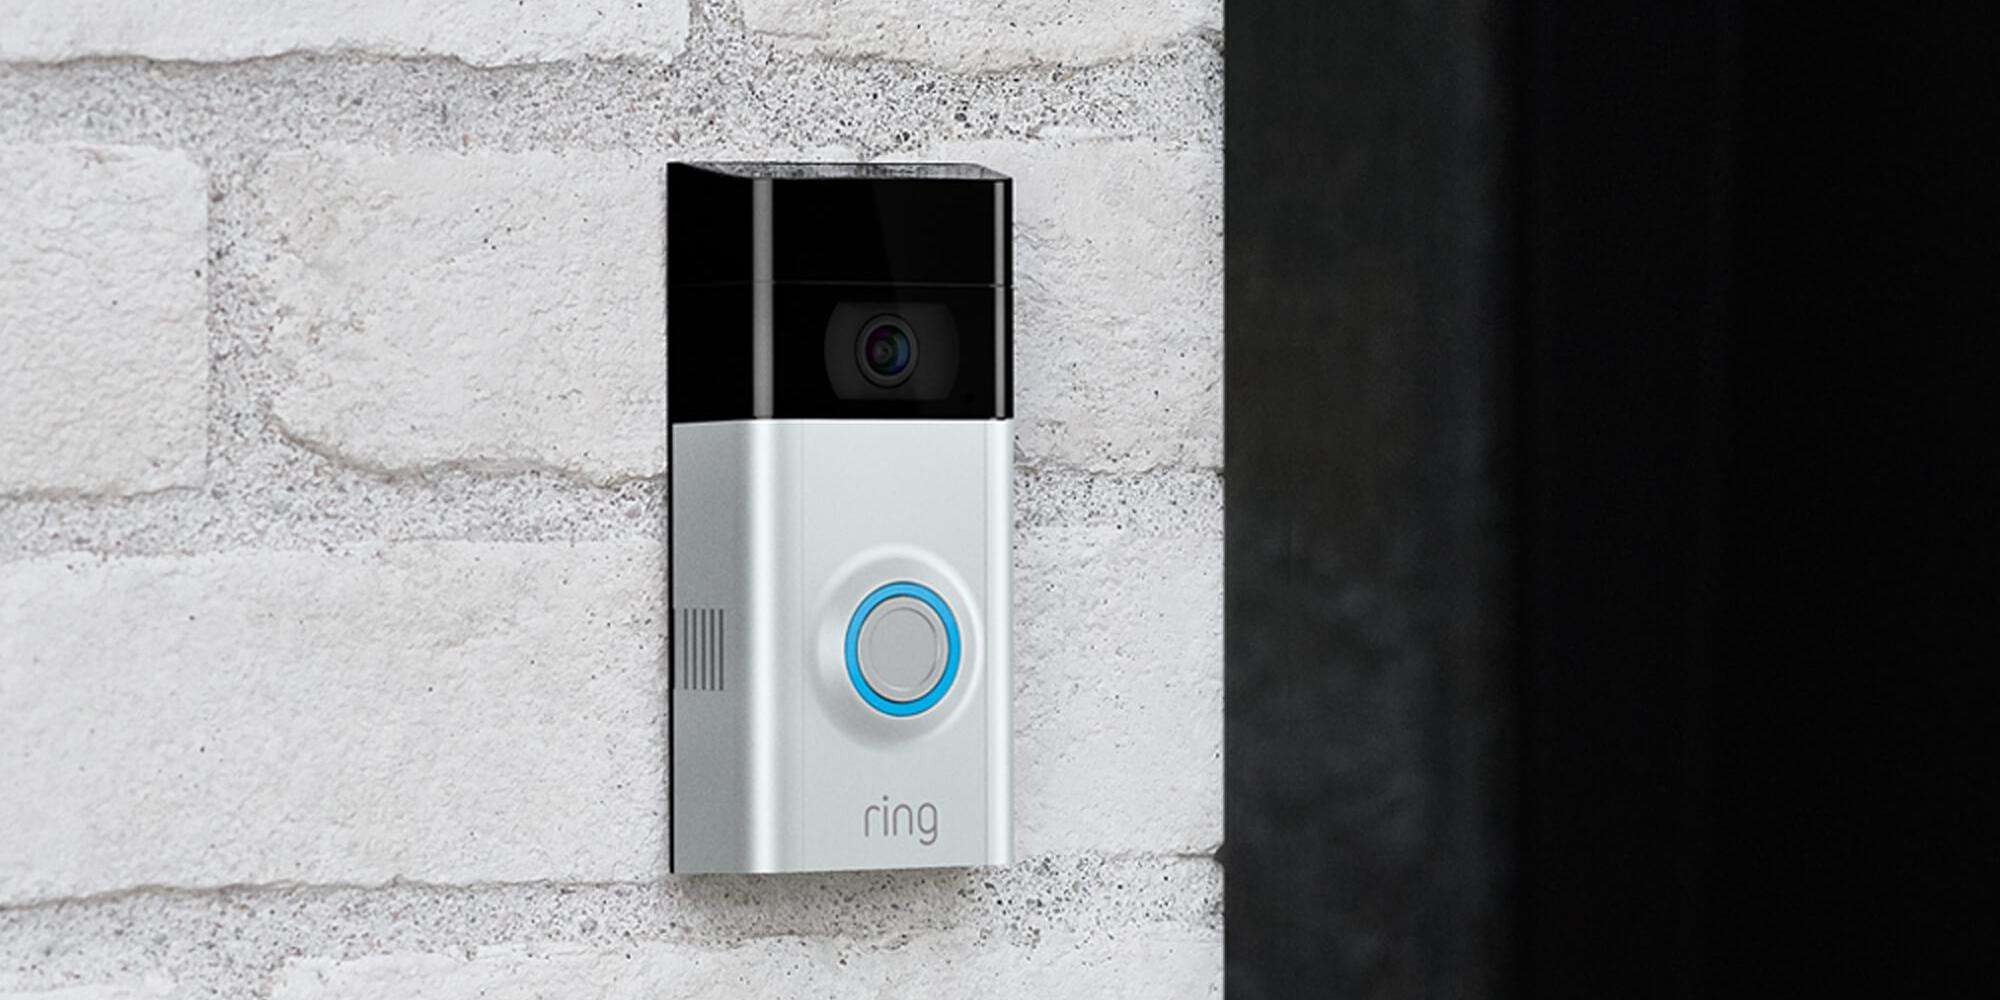 Ring-Konkurrent Ring gab den Mitarbeitern Berichten zufolge vollen Zugriff auf die Live-Kamera-Feeds der Kunden